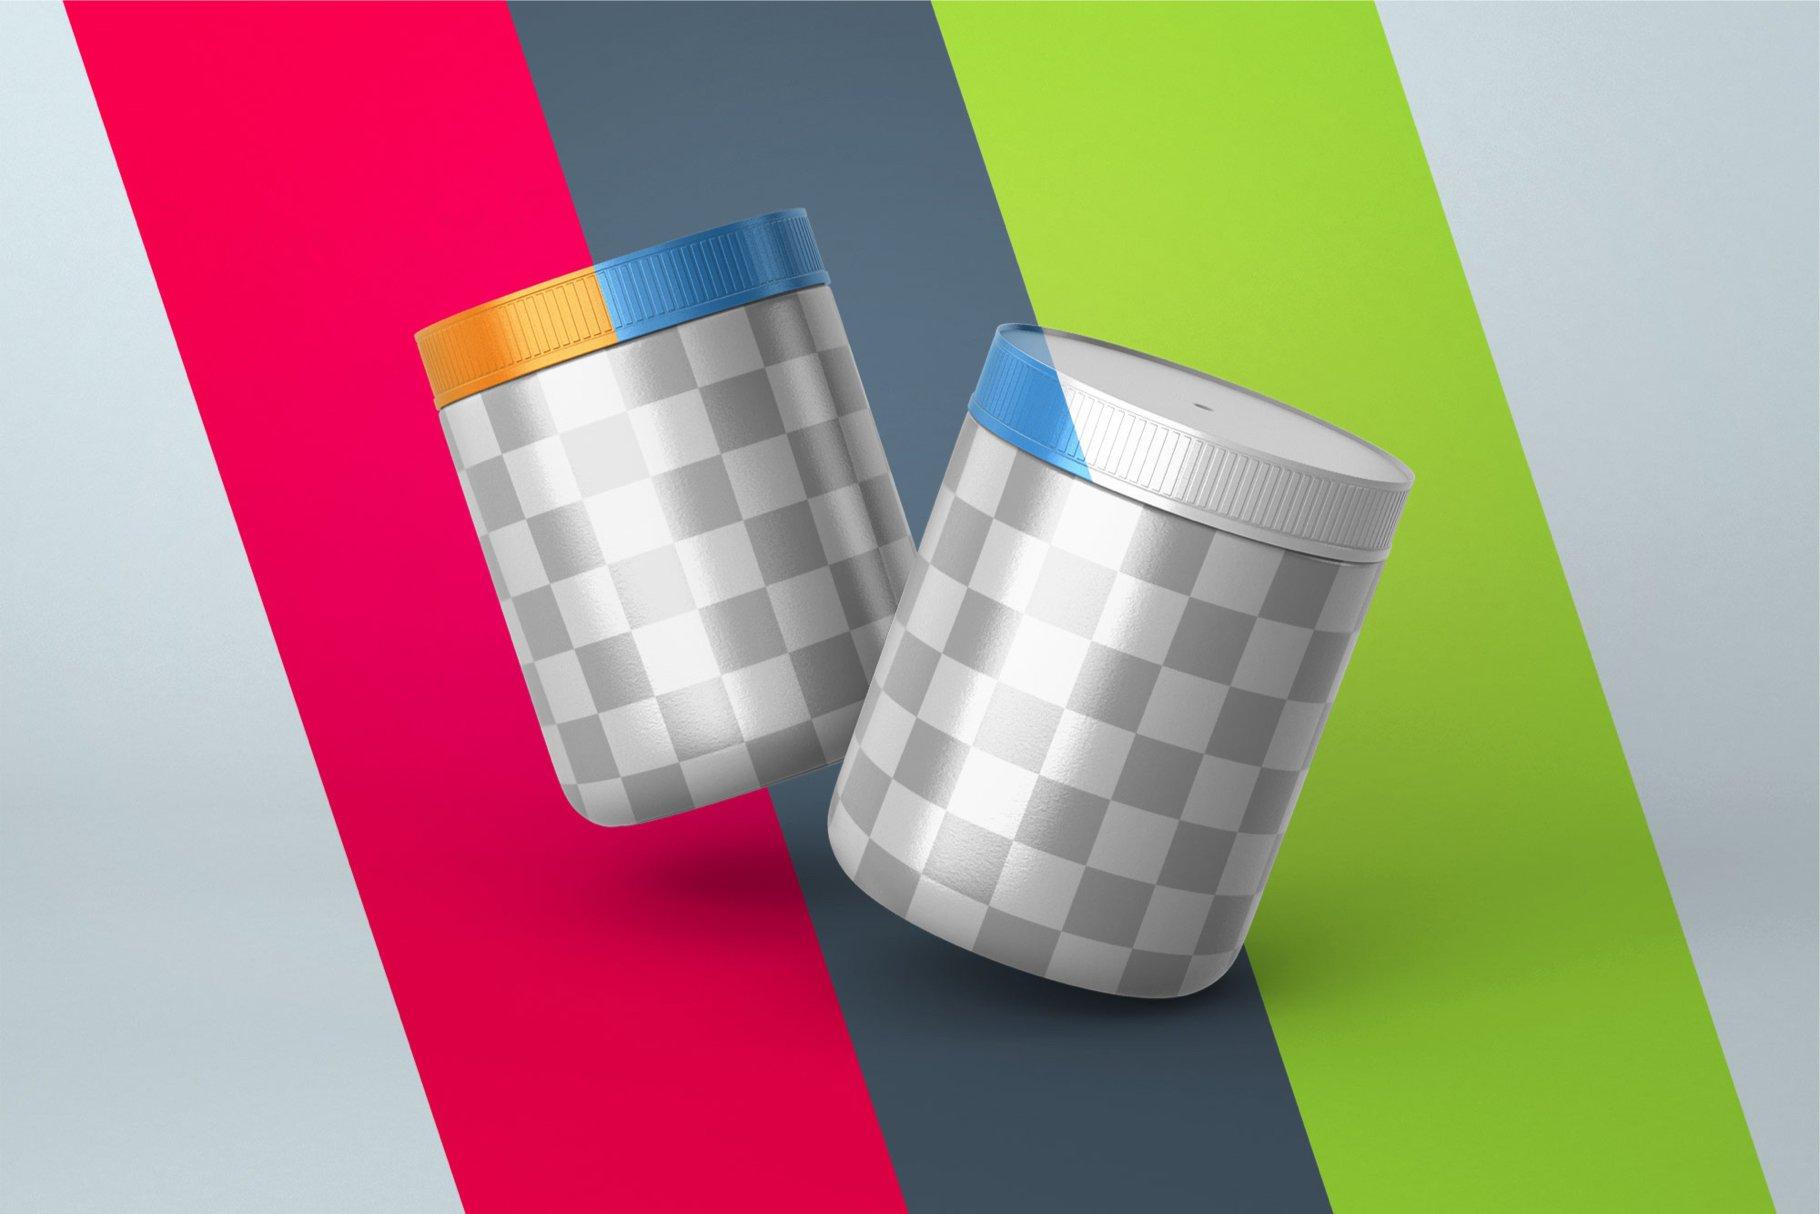 10款食物塑料罐标签设计展示样机模板 Food Supplement Plastic Jar Mockup插图(12)